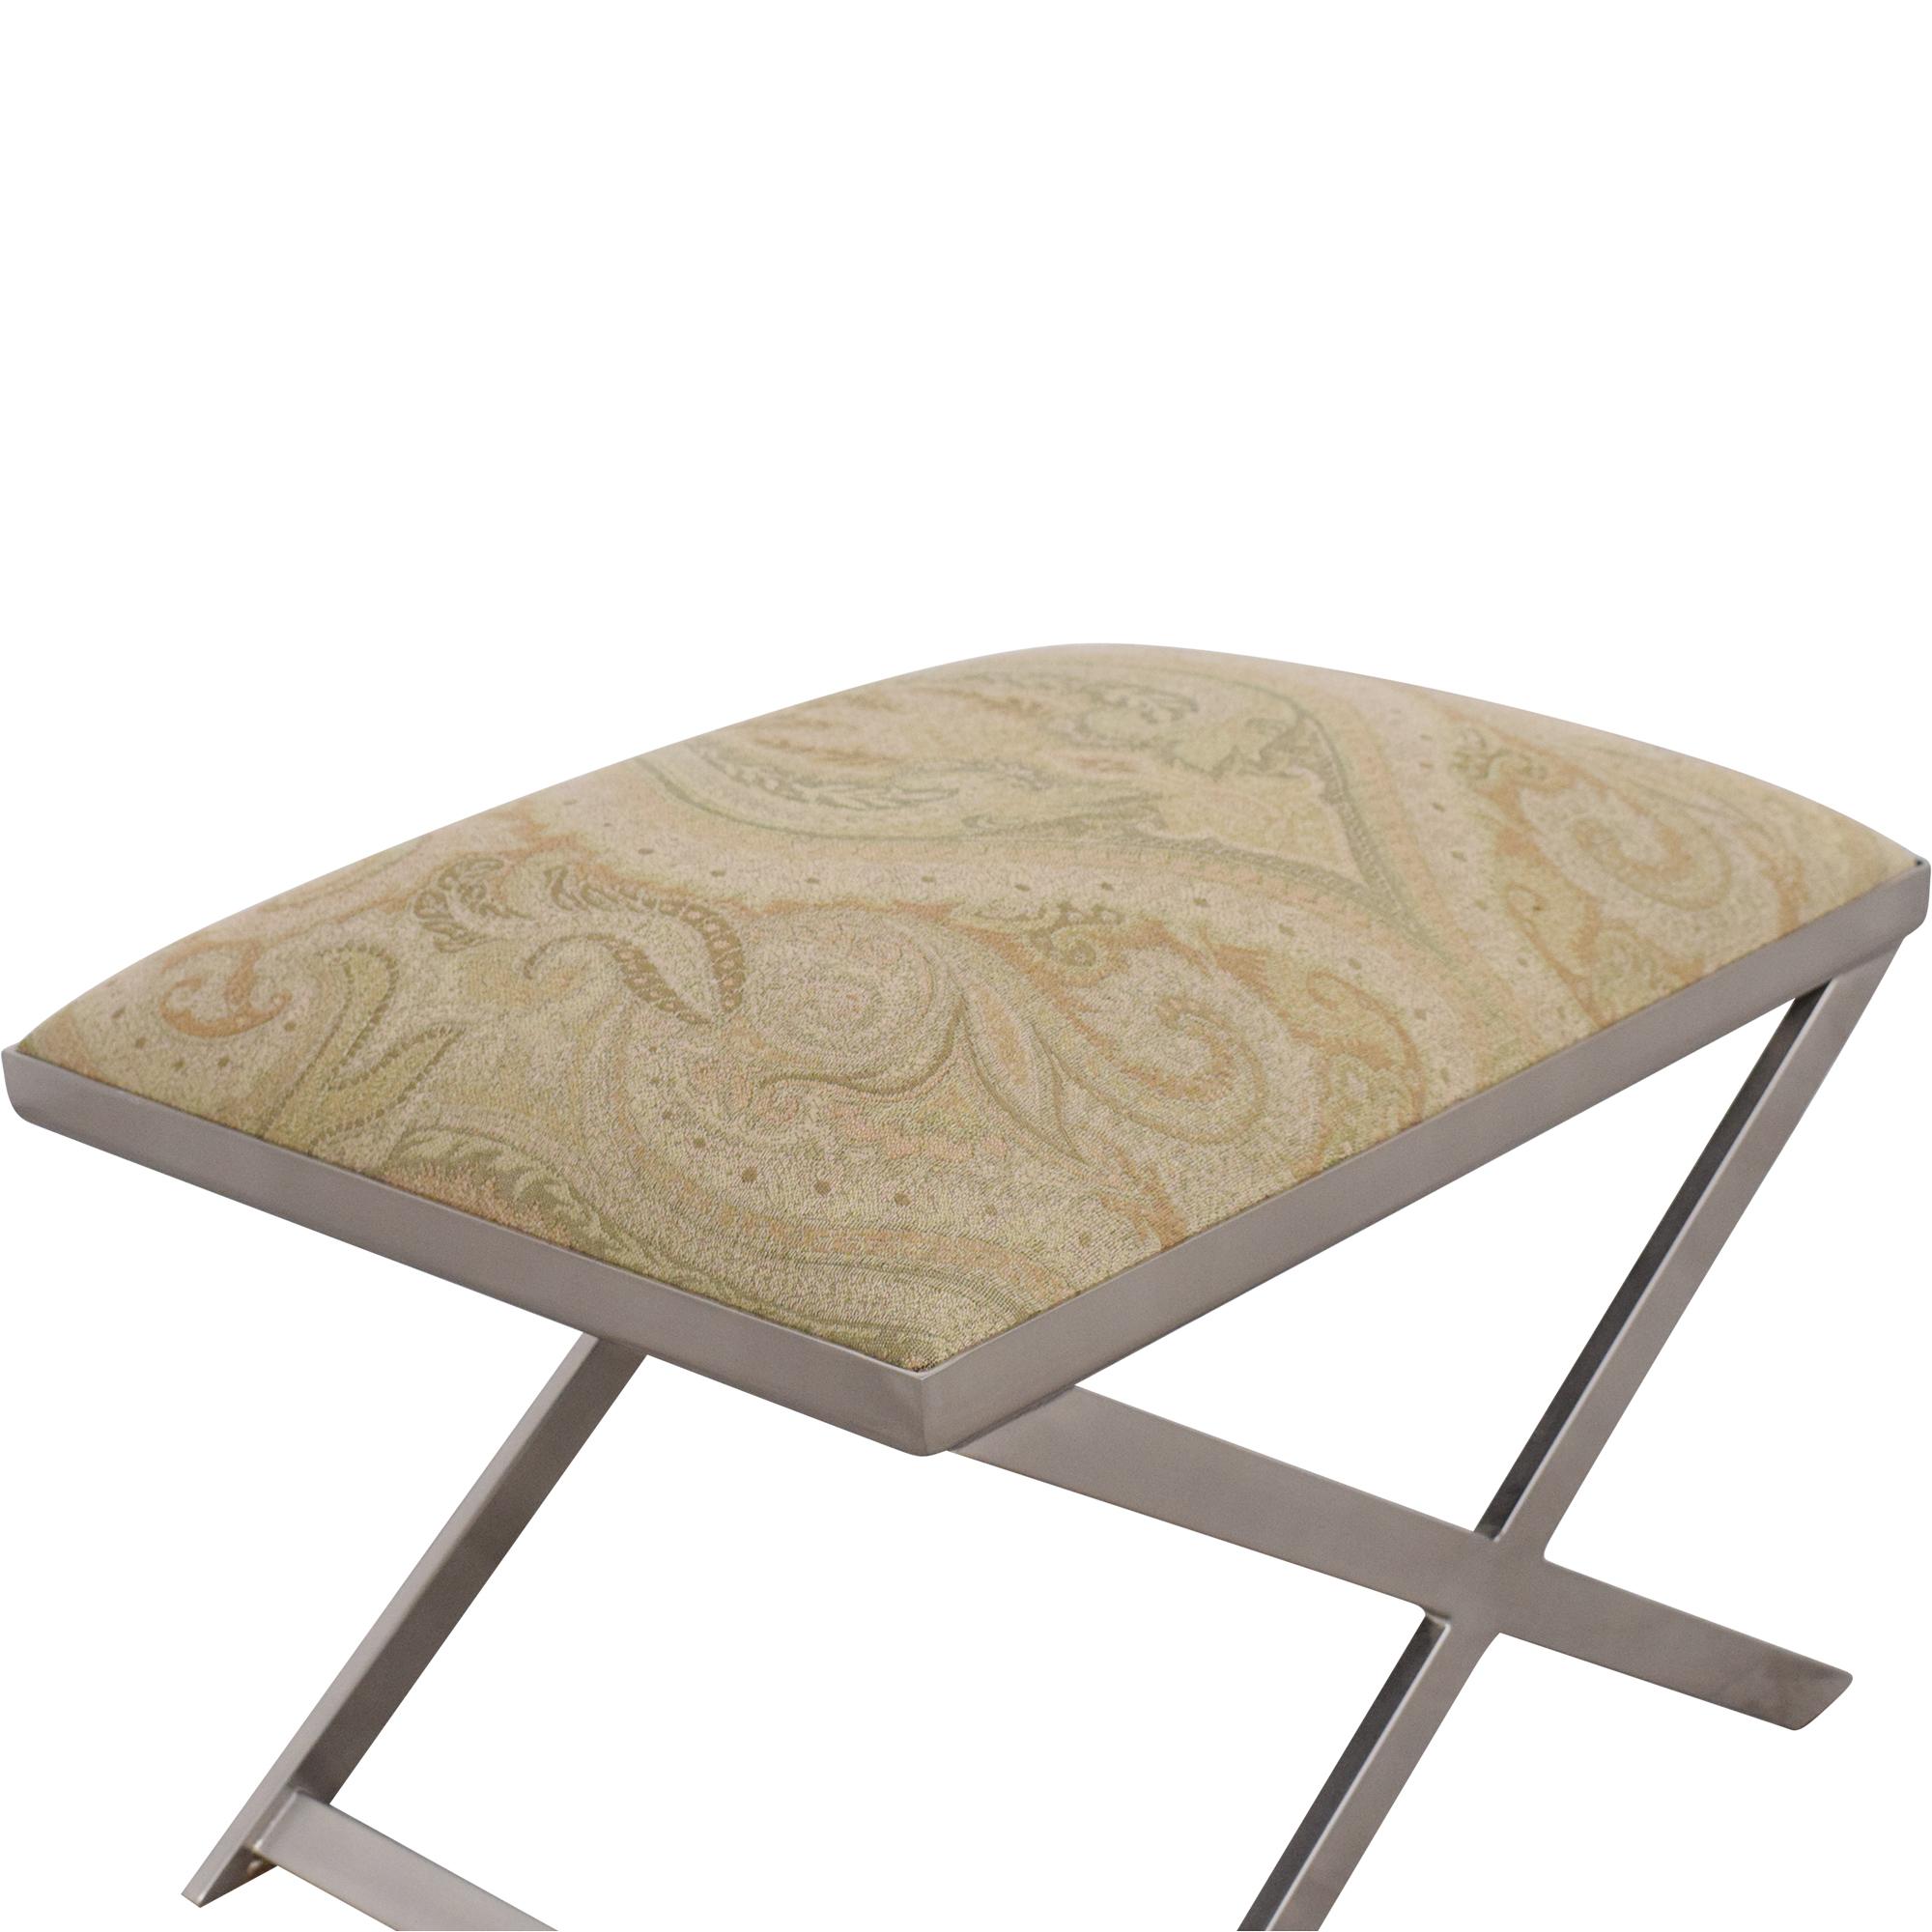 Ethan Allen Xanadu Bench / Chairs